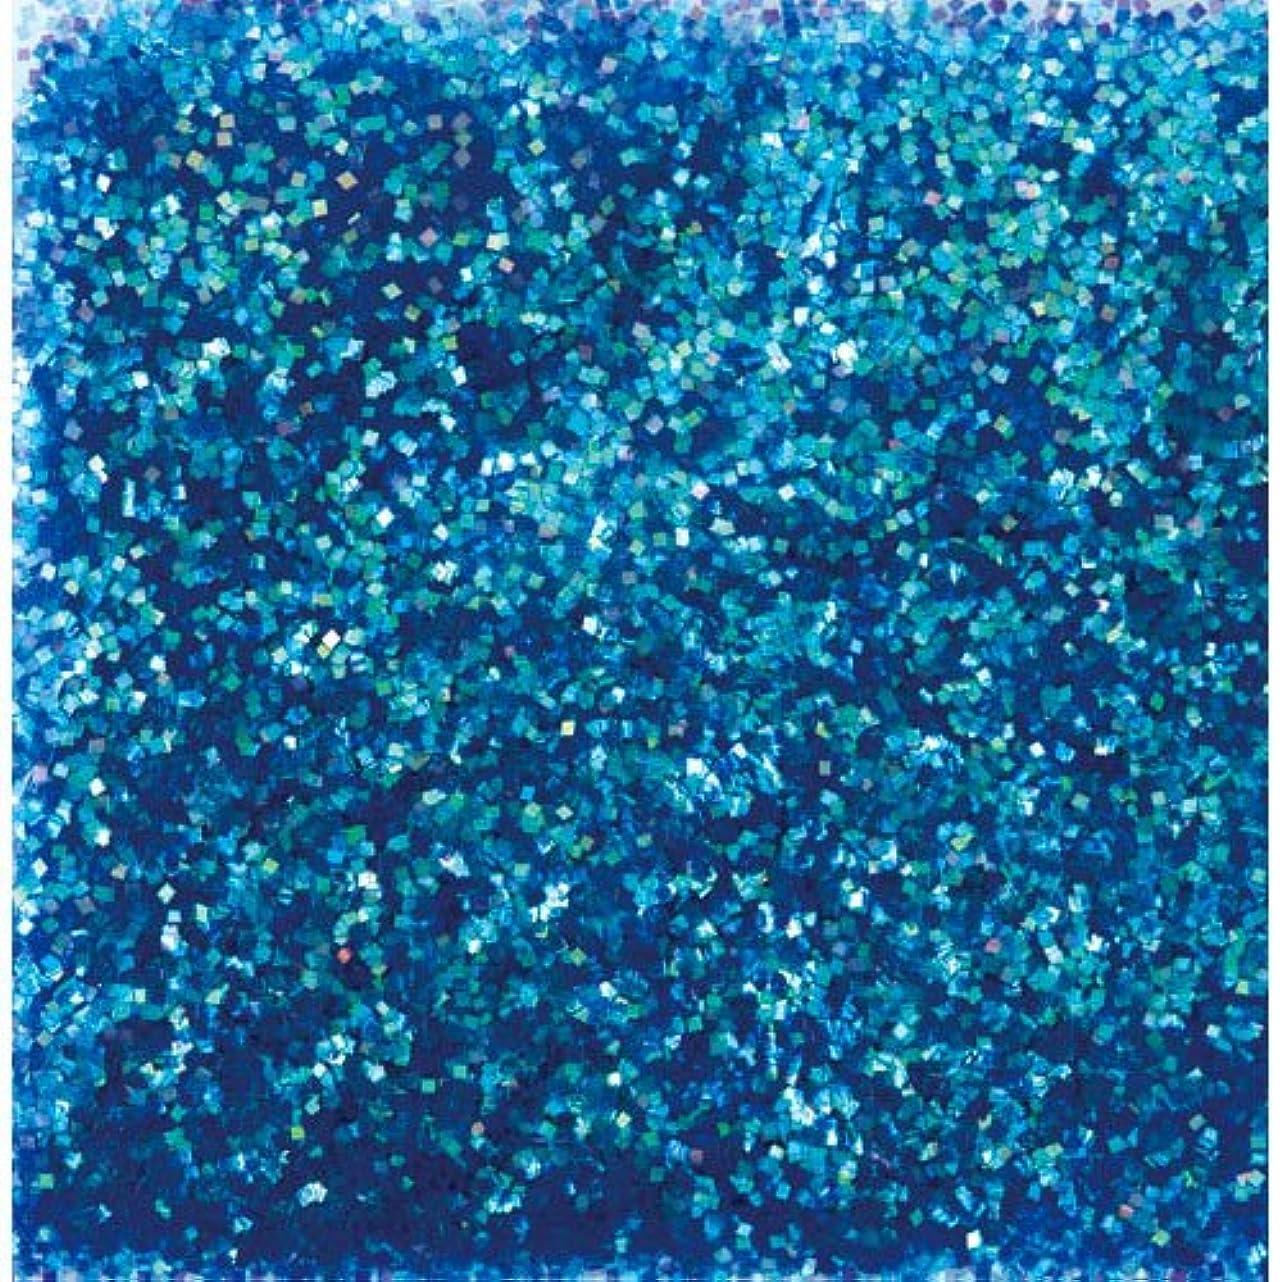 一掃する非アクティブシリアルピカエース ネイル用パウダー ピカエース オーロラグリッター M #497 ブルー 1.5g アート材